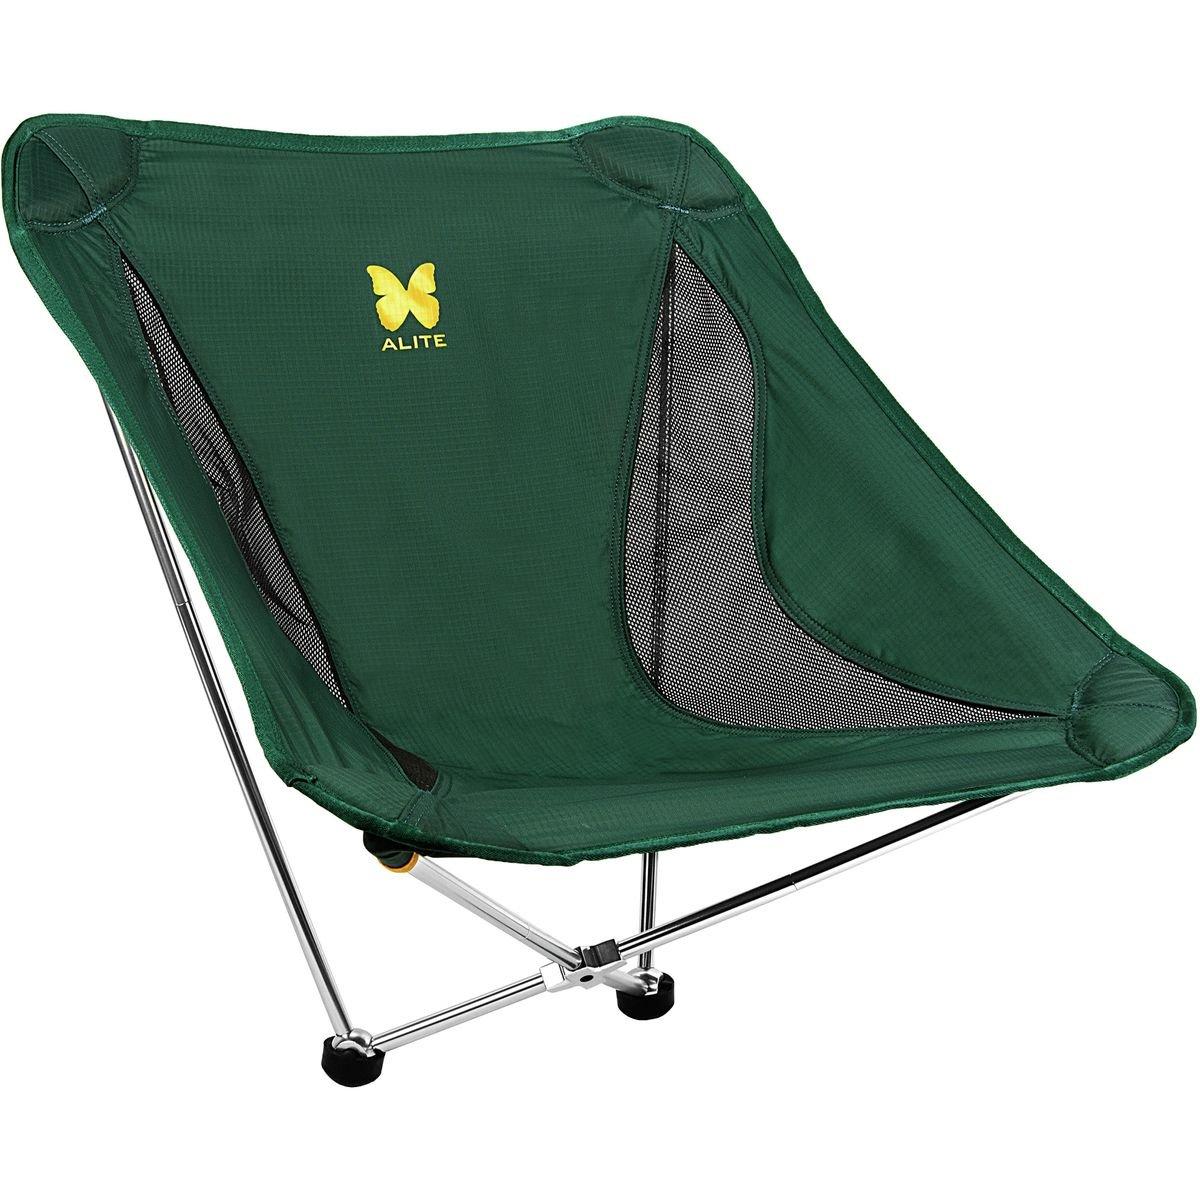 alite(エーライト) Monarch Chair モナーク チェア アウトドア キャンプ (並行輸入品) B01NAPUOCU  Sutro Green